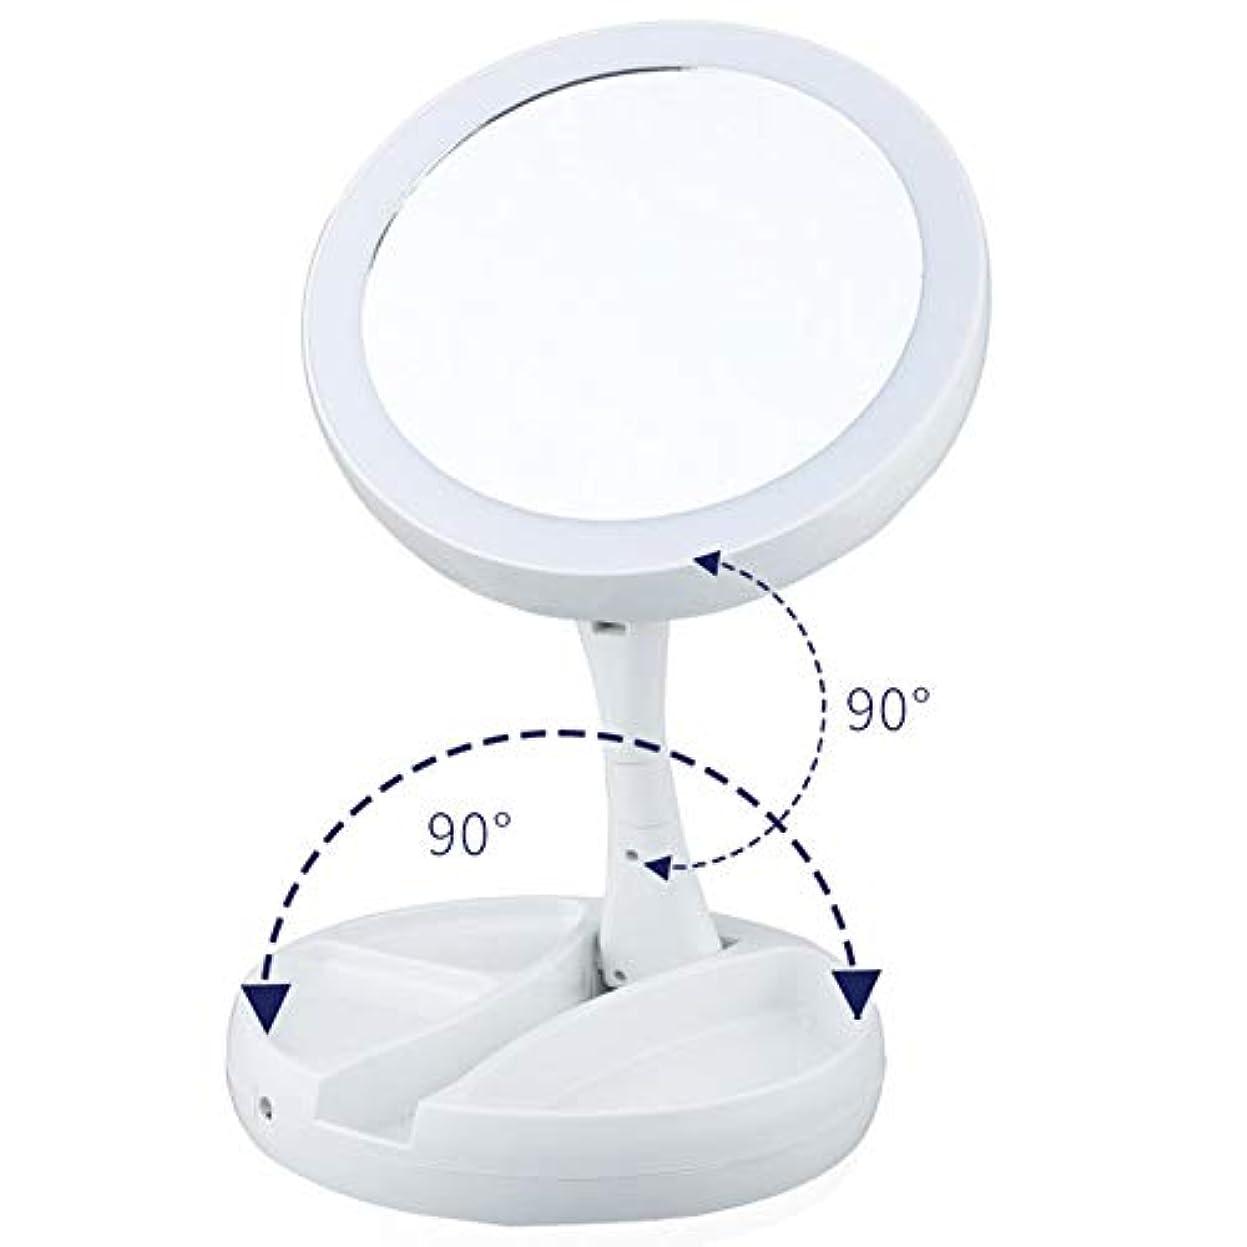 ランドリートレッド同化する化粧鏡、10x虫眼鏡充電折りたたみ式底部ストレージ、バッテリー付きの360°回転蛍光灯とUSB充電